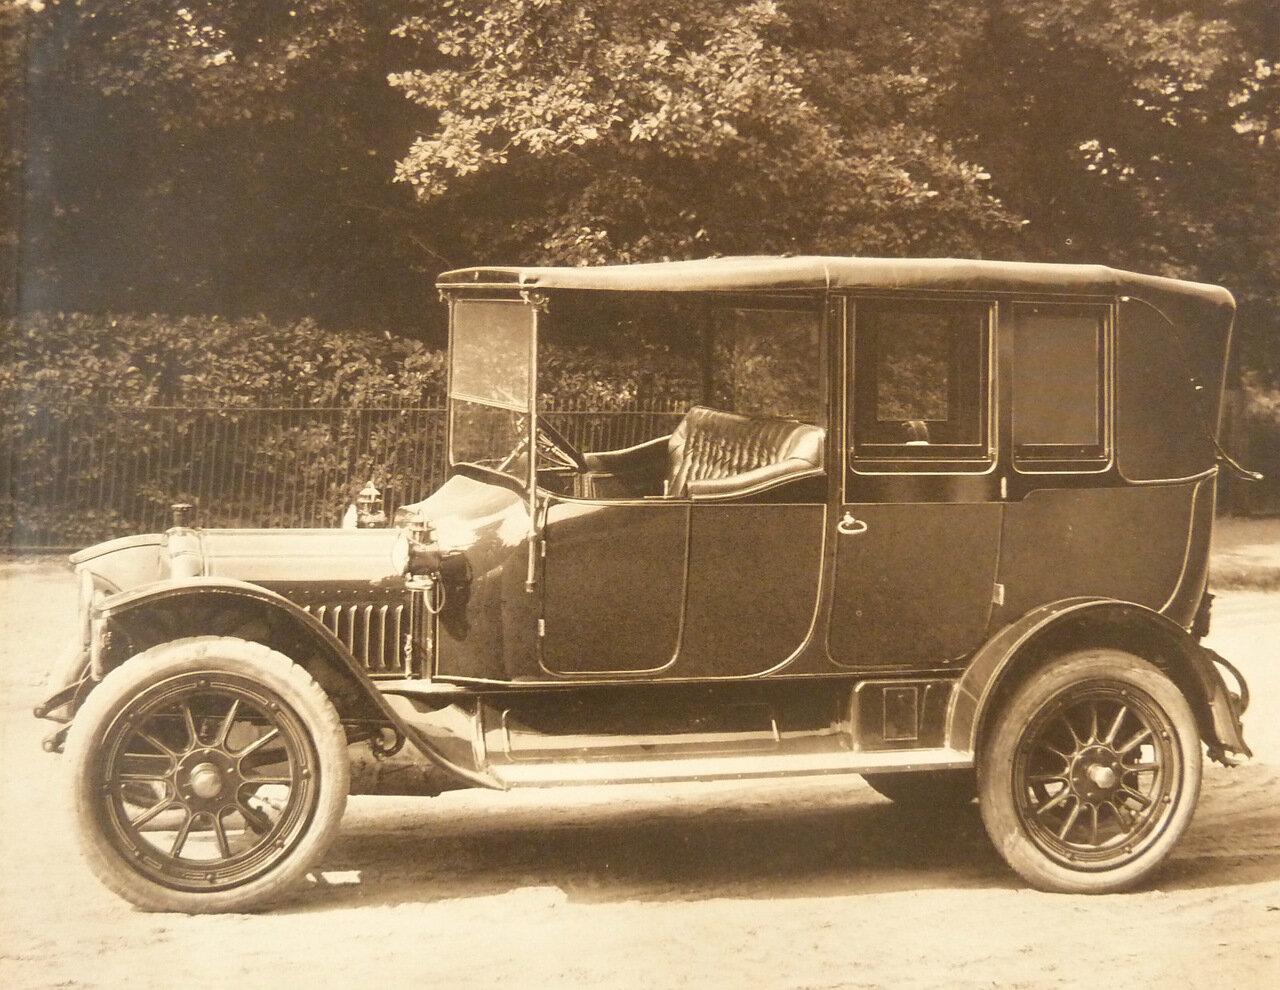 Автомобиль американской компании Coleman Motor Company Альфреда Колемана